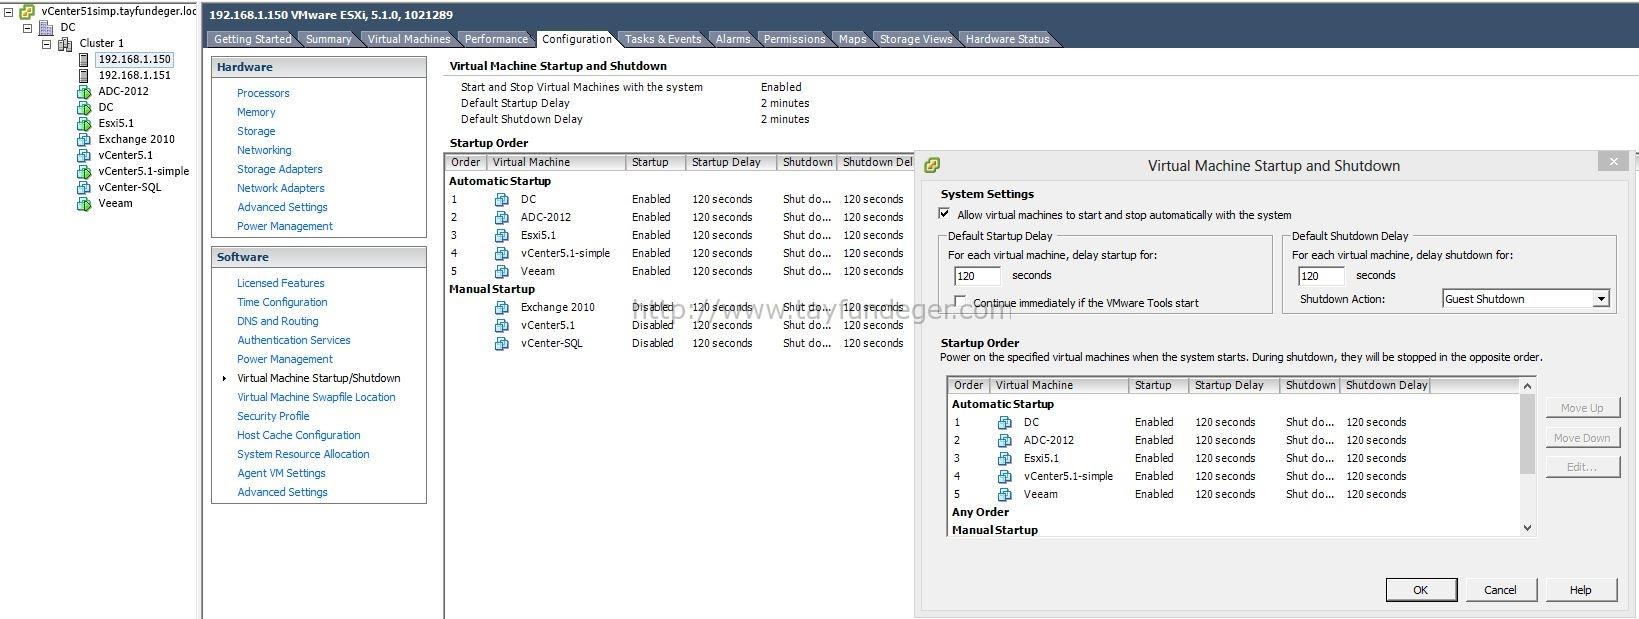 VMware Üzerine Kurulu Sanal Makinaların Otomatik Başlatılması